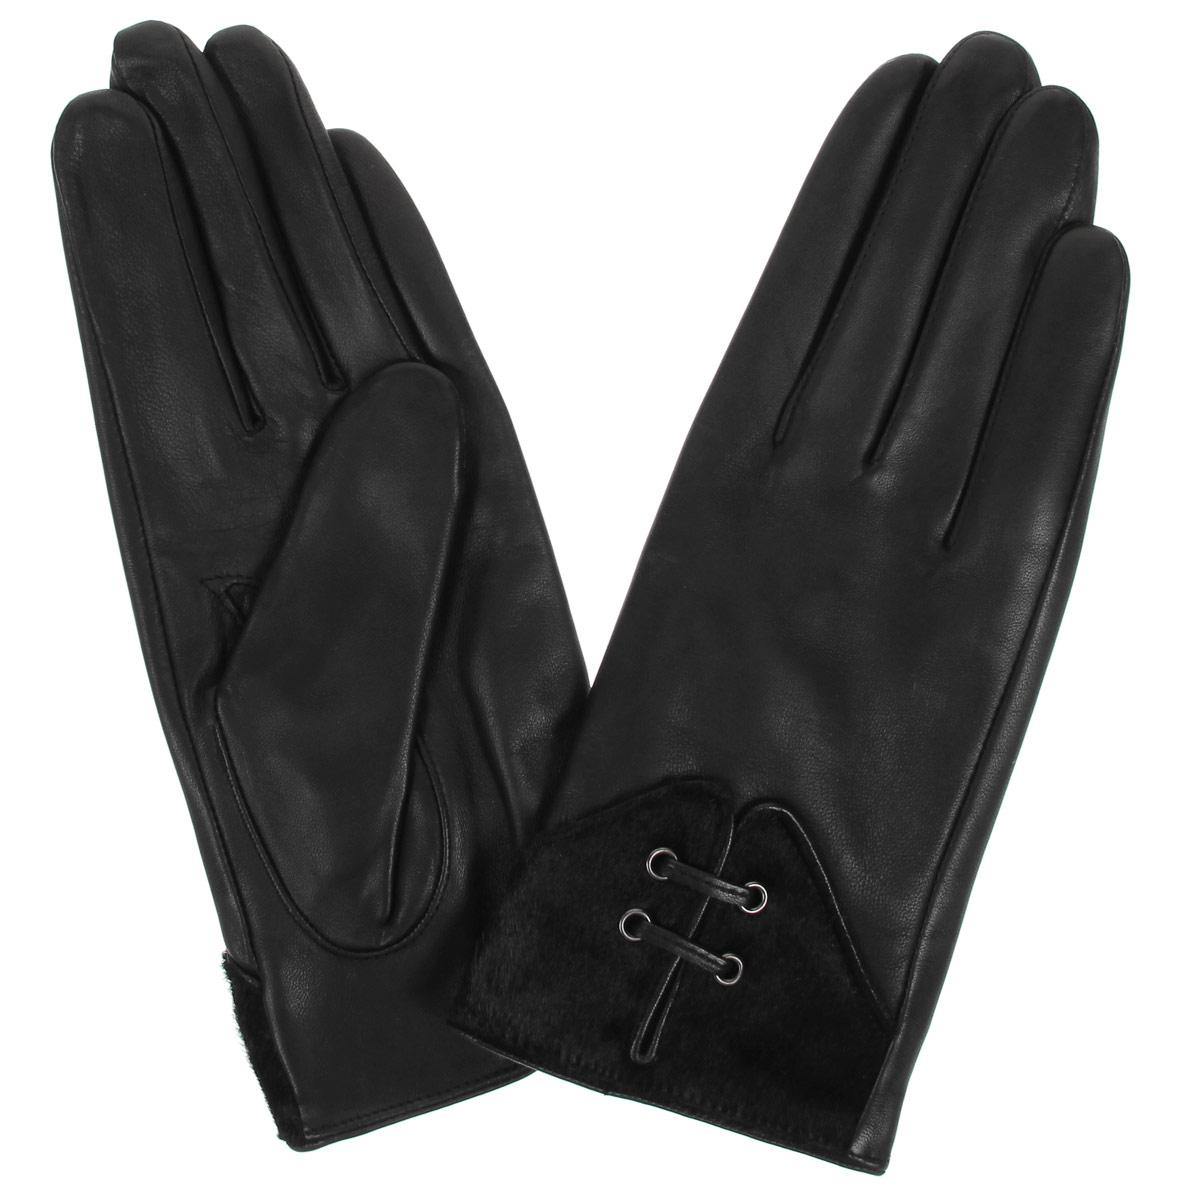 Перчатки женские. L-15L-15Стильные женские перчатки Falner заинтригуют любого мужчину и заставят завидовать любую женщину. Они не только защитят ваши руки от холода, но и станут великолепным украшением. Модель изготовлена из мягкой натуральной кожи с подкладкой из флиса. На лицевой стороне изделие оформлено вставками из меха, стянутыми декоративными стежками. Перчатки являются неотъемлемой принадлежностью одежды, вместе с этим аксессуаром вы обретаете женственность и элегантность. Они станут завершающим и подчеркивающим элементом вашего неповторимого стиля и индивидуальности.